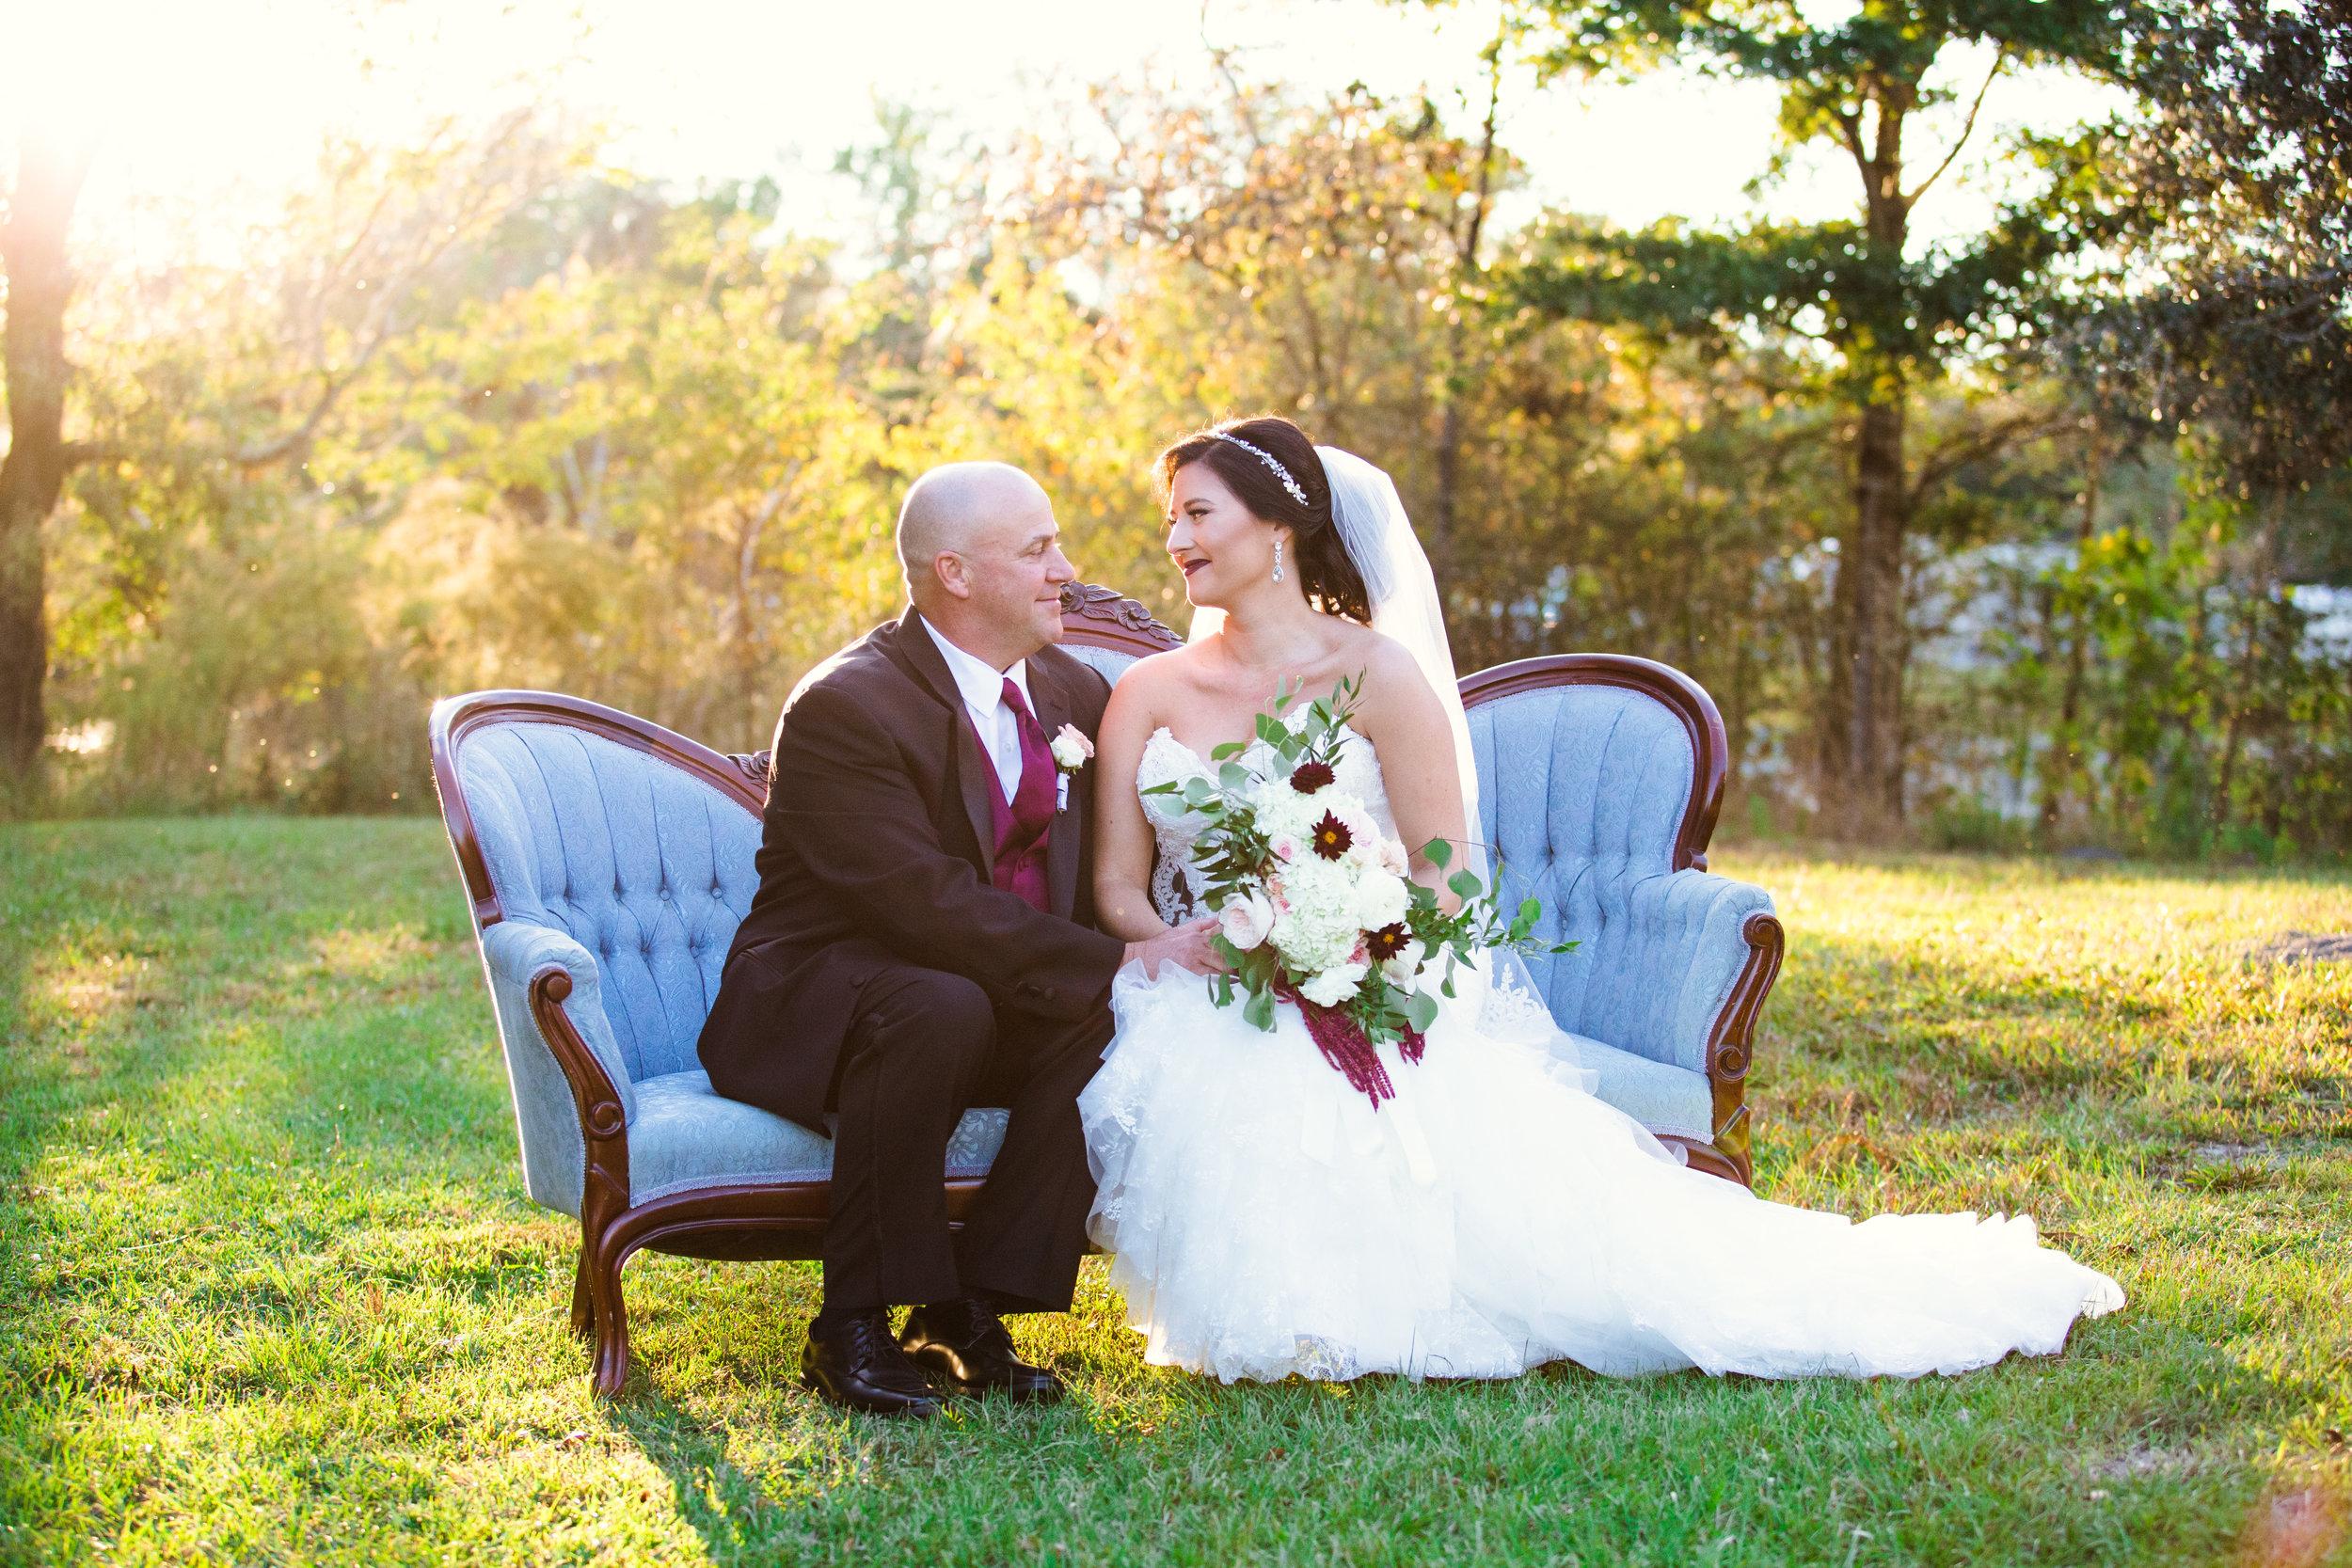 Barn-Wedding-Ates-Ranch-Wedding-Photo-Photography-Video-Videography-Pensacola-Florida-Courtney-Clint-39.jpg